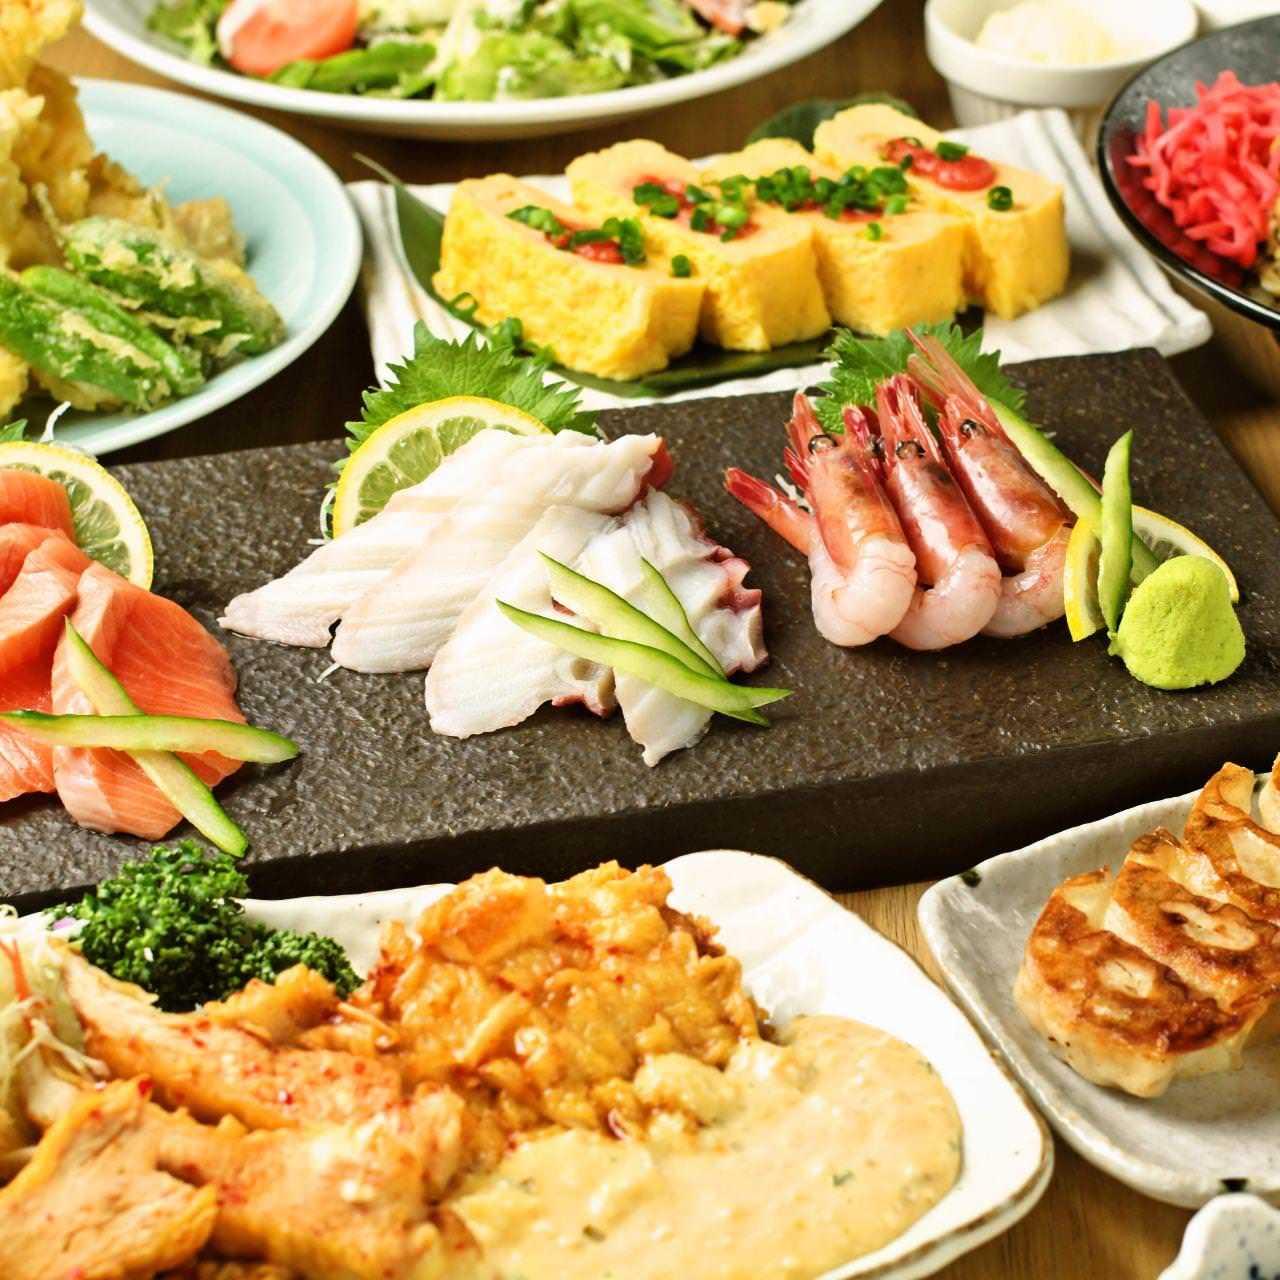 九州料理 ふうり 札幌パセオ店のイメージ写真